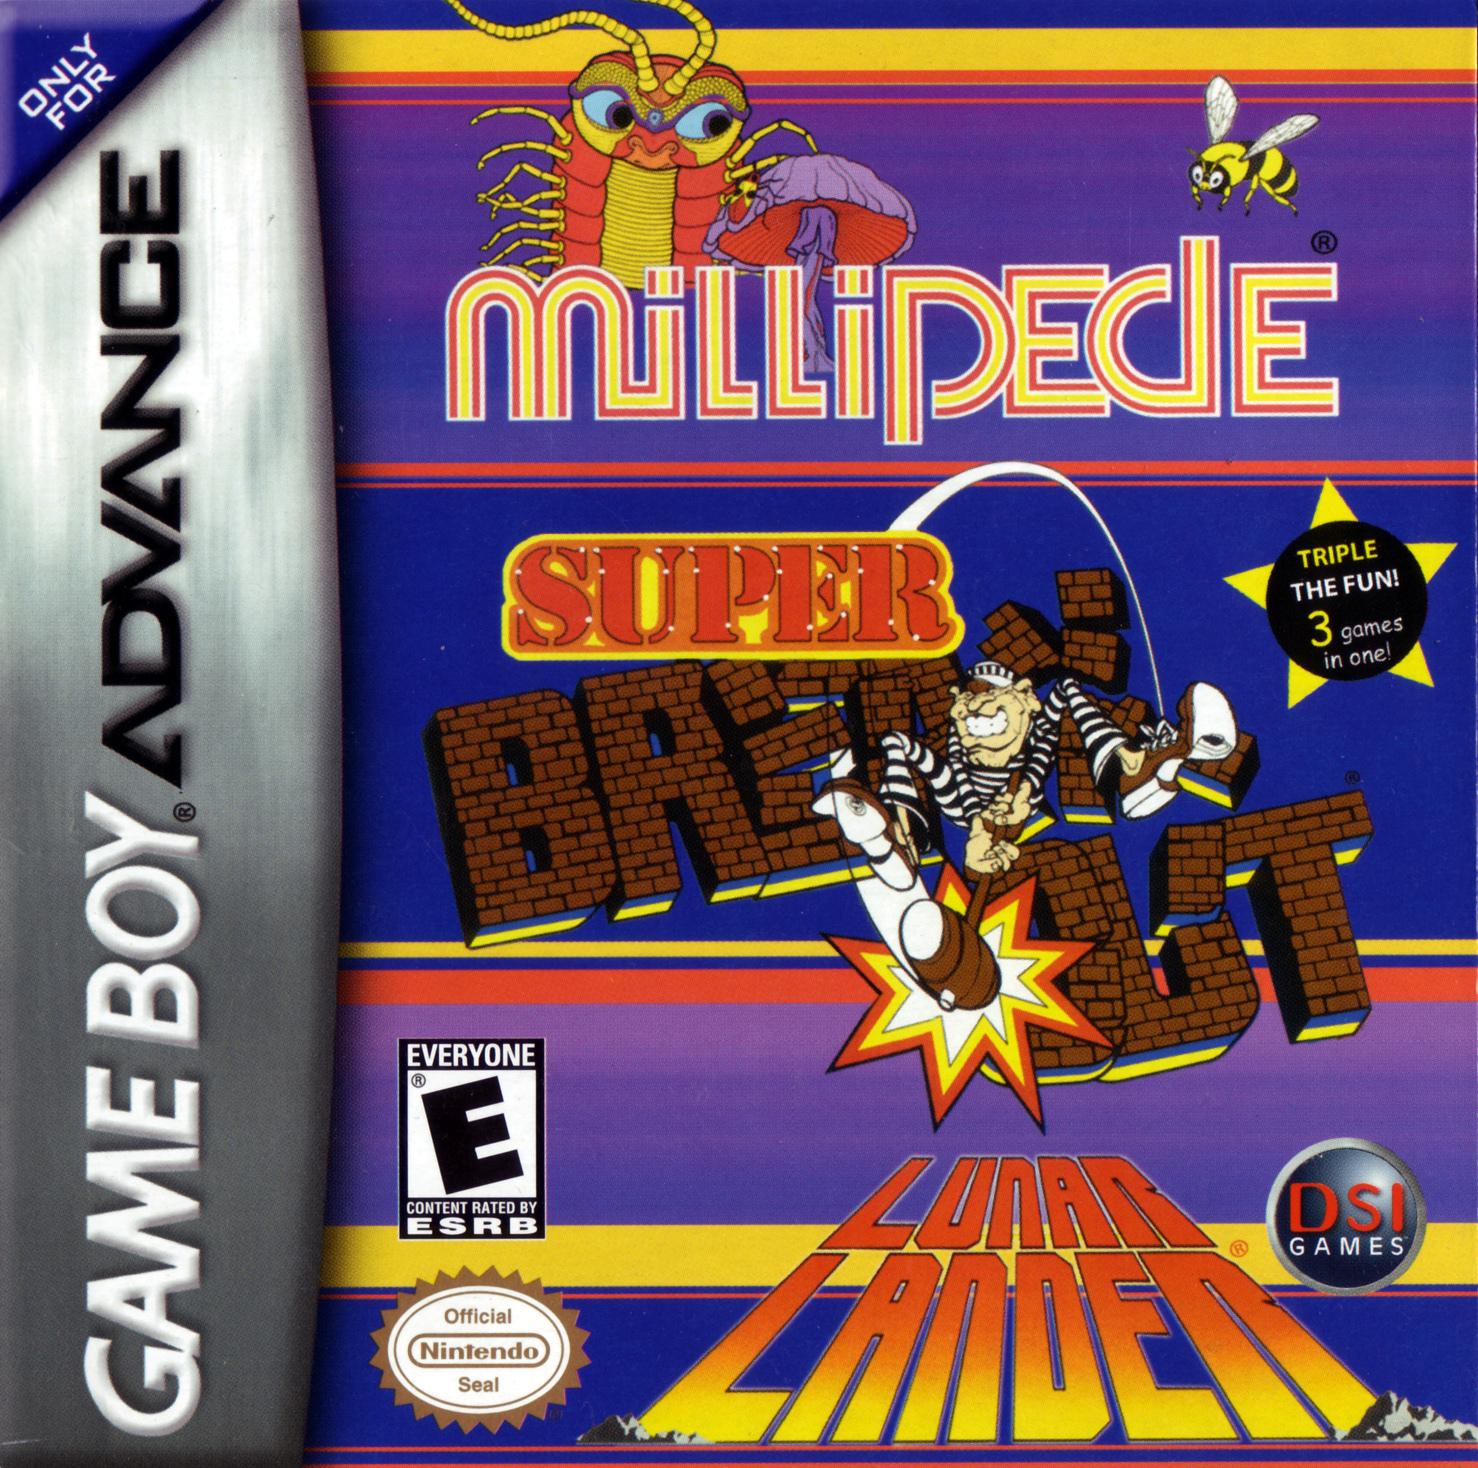 Millipede, Super Breakout,